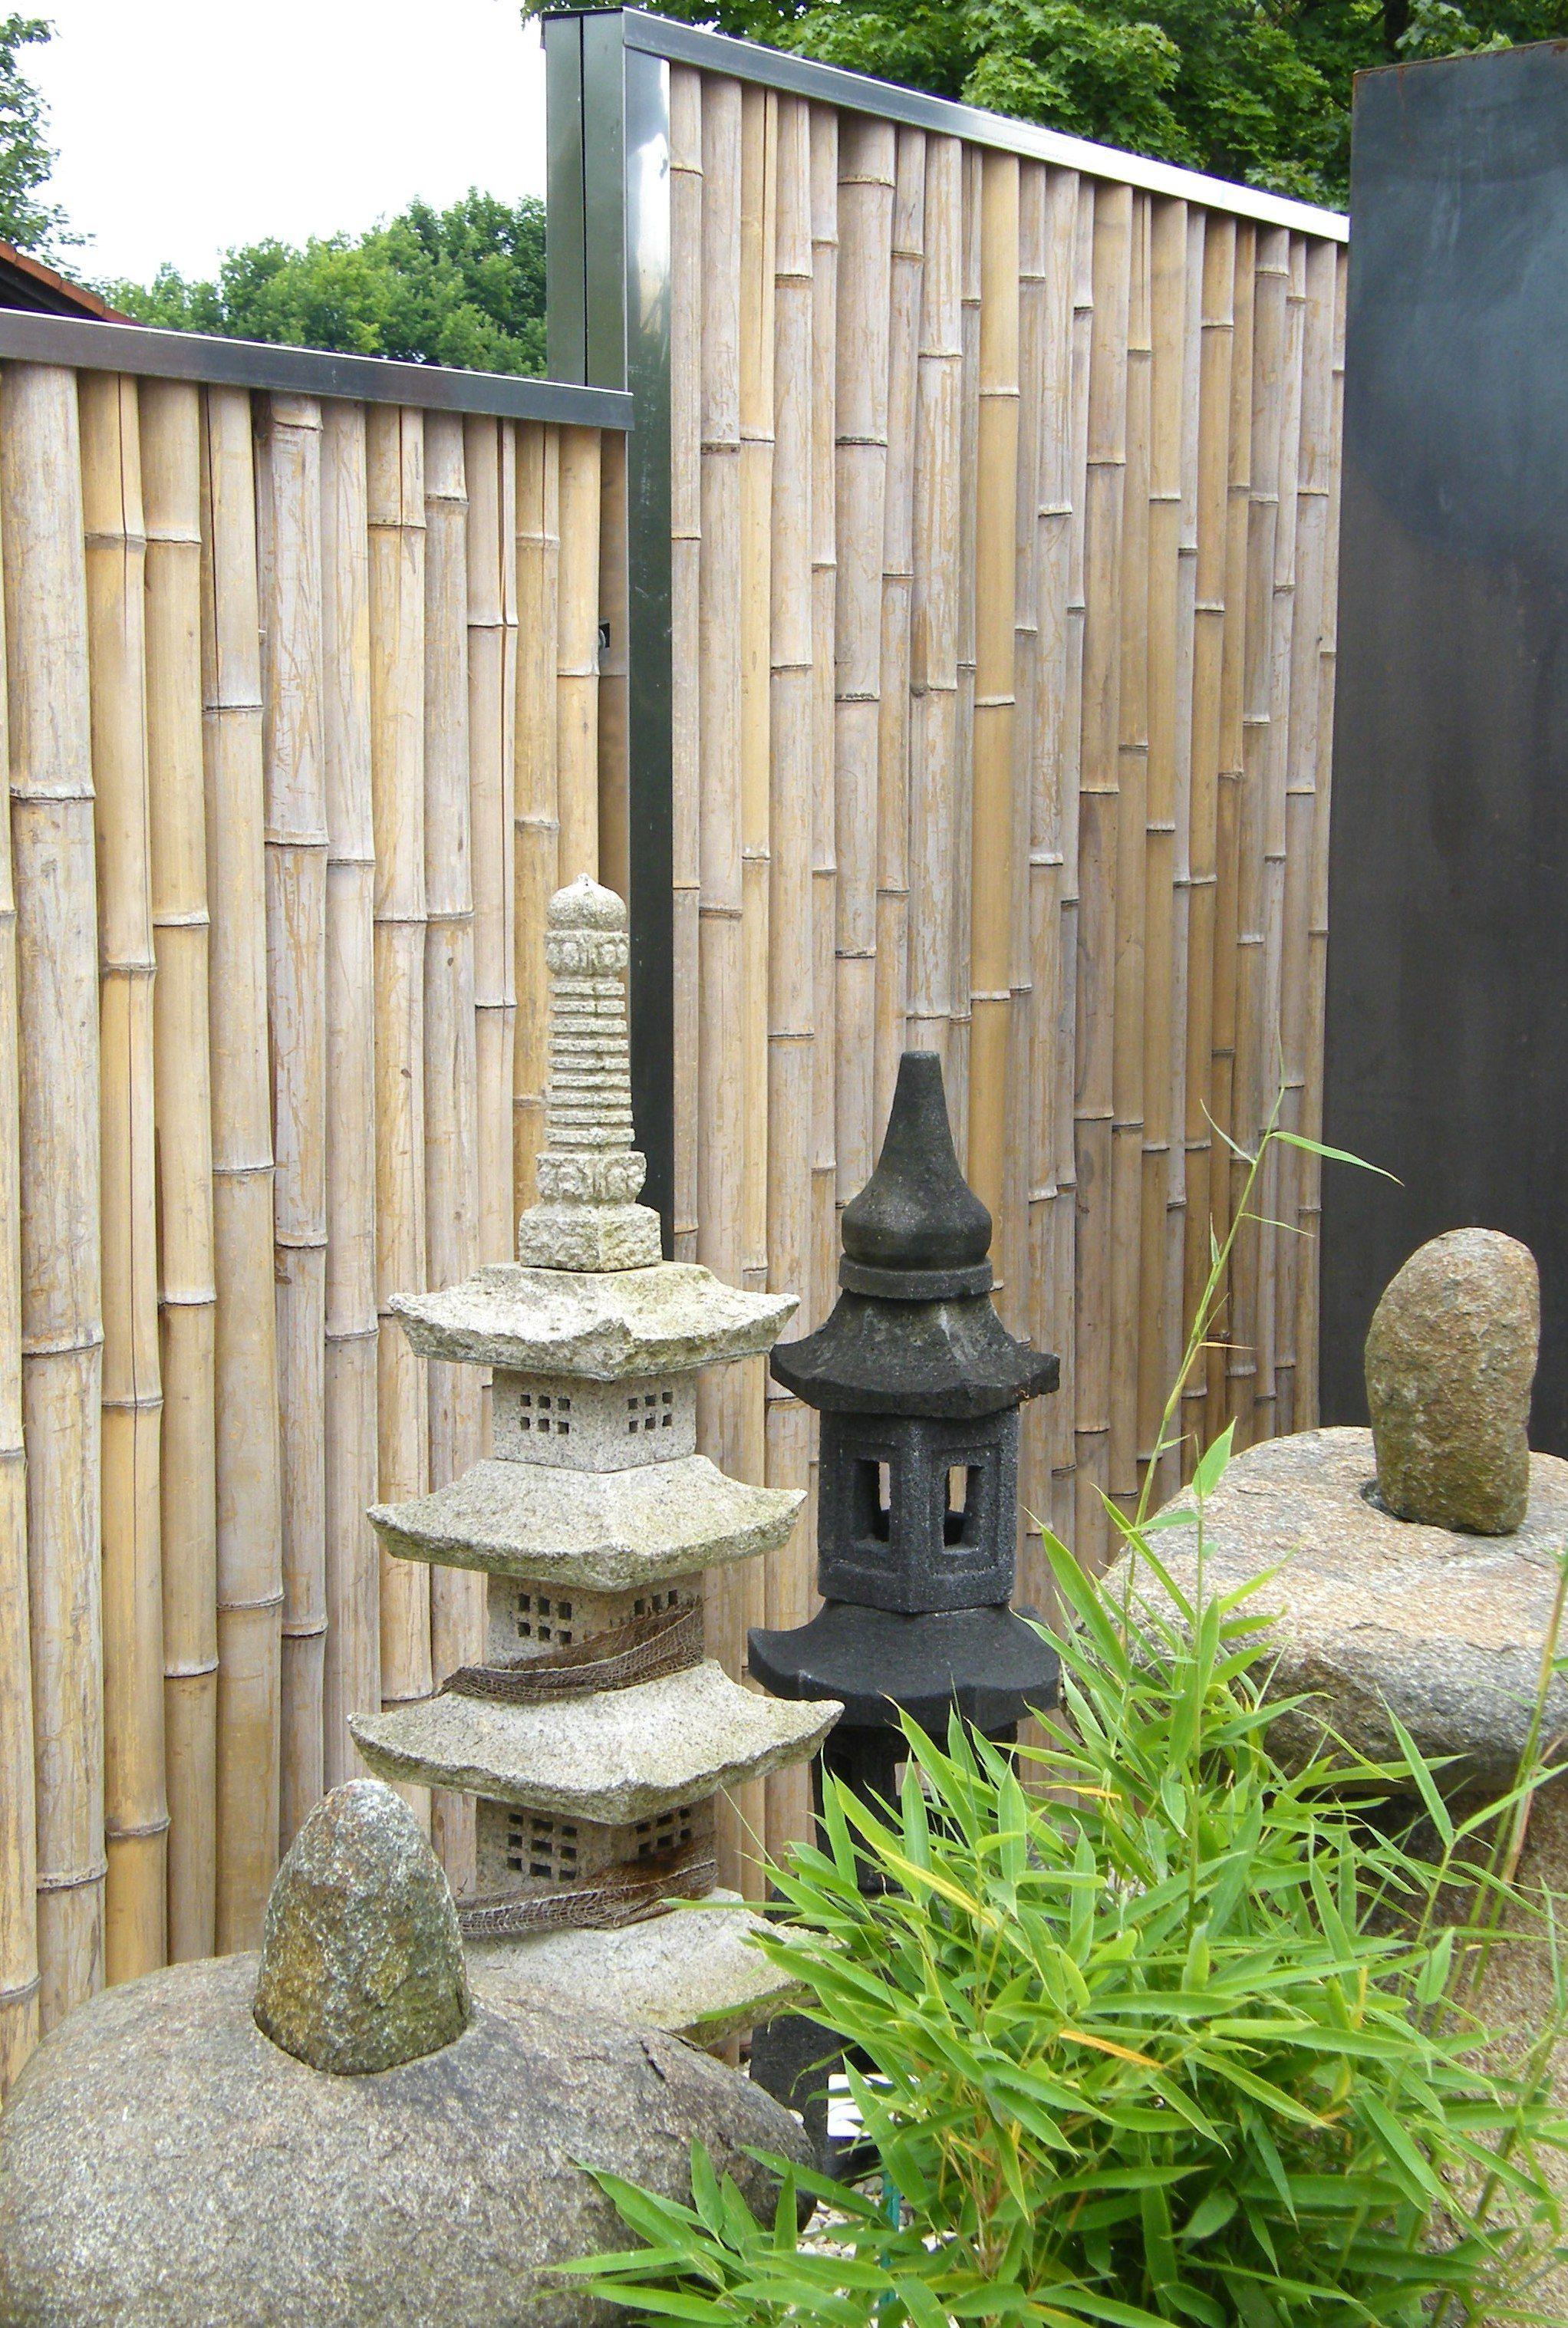 Sichtschutz Aus Bambus Fur Den Garten Bambus Sichtschutz Bambus